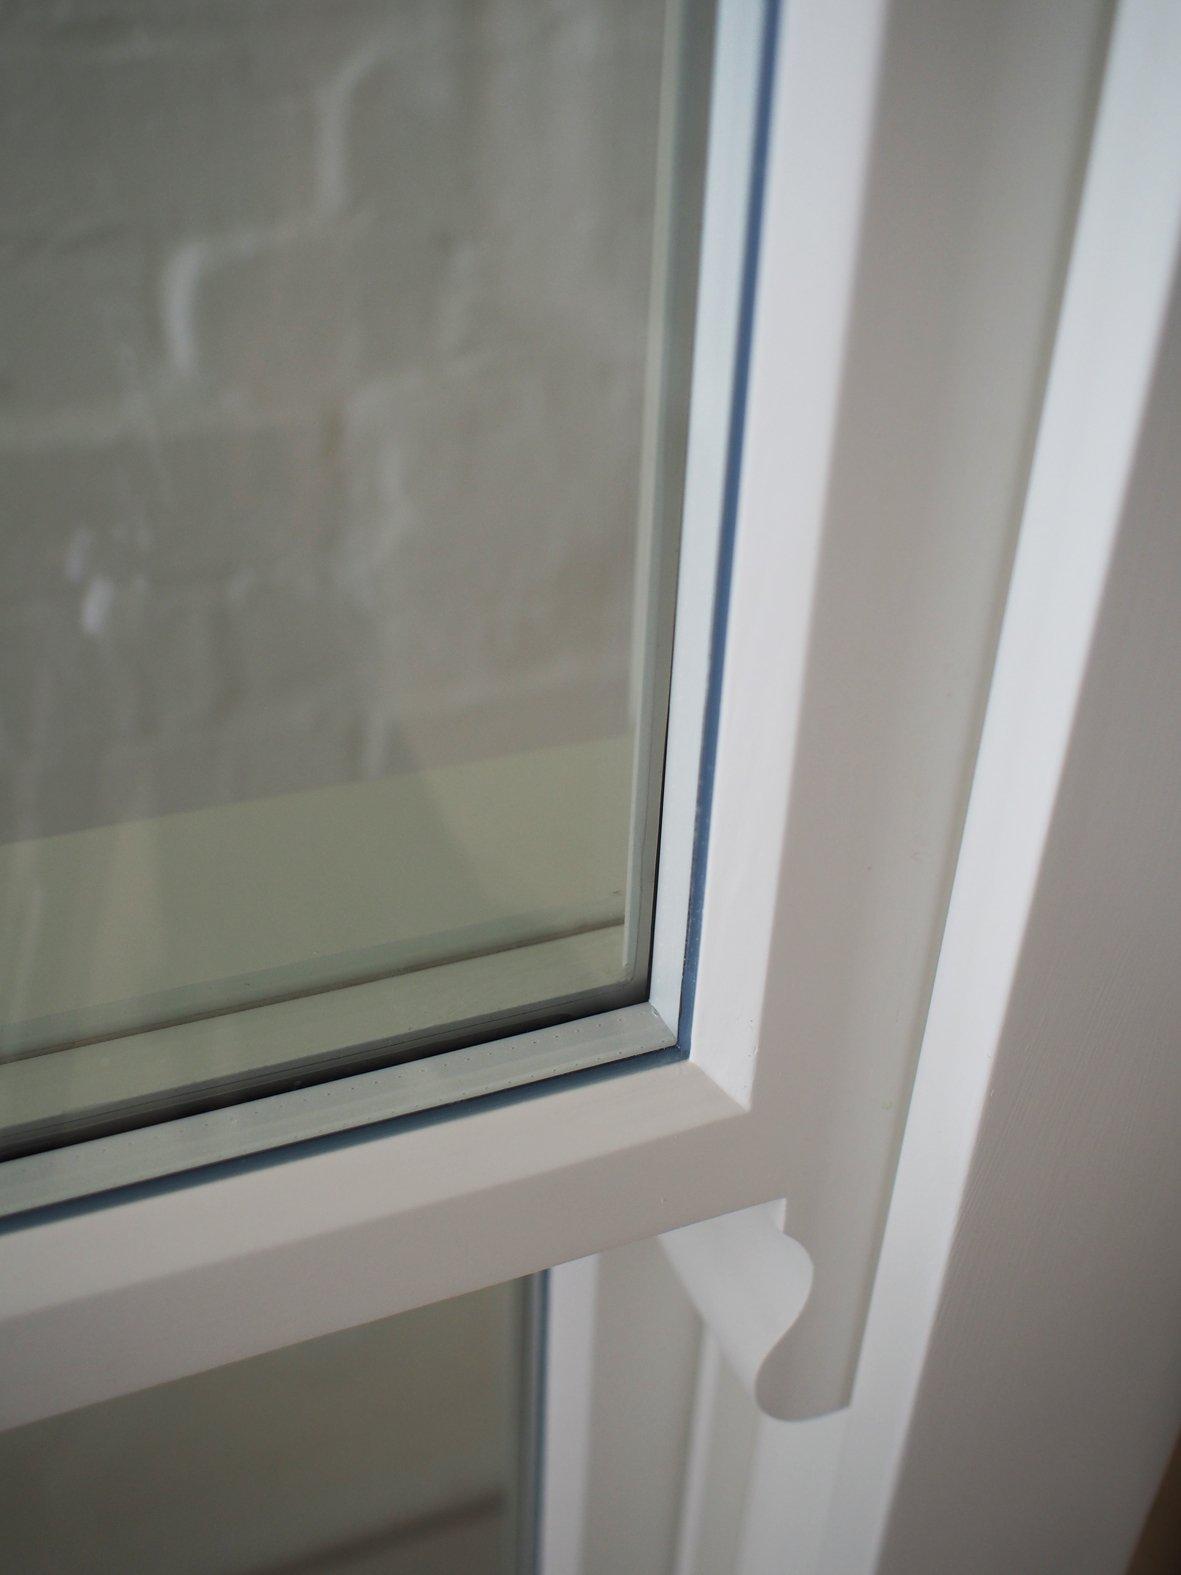 Double glazed sash windows detail